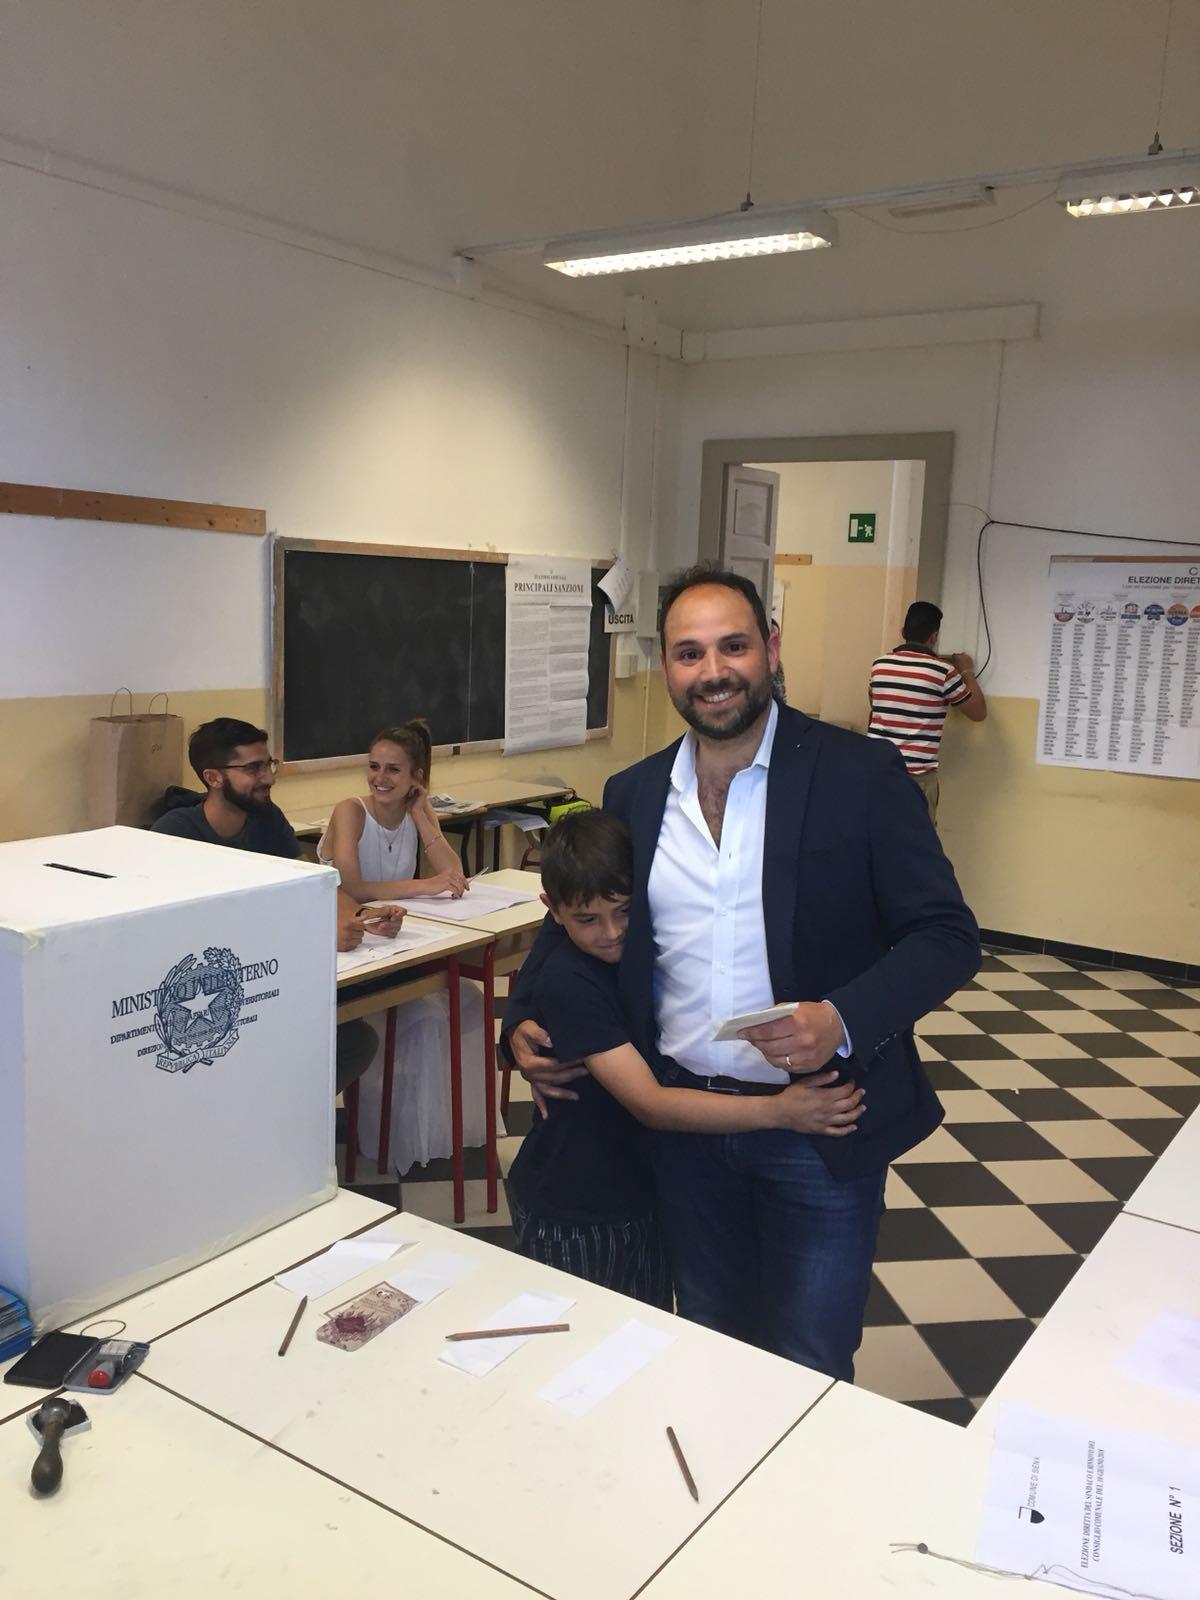 Pinciani è l'ultimo dei candidati a votare